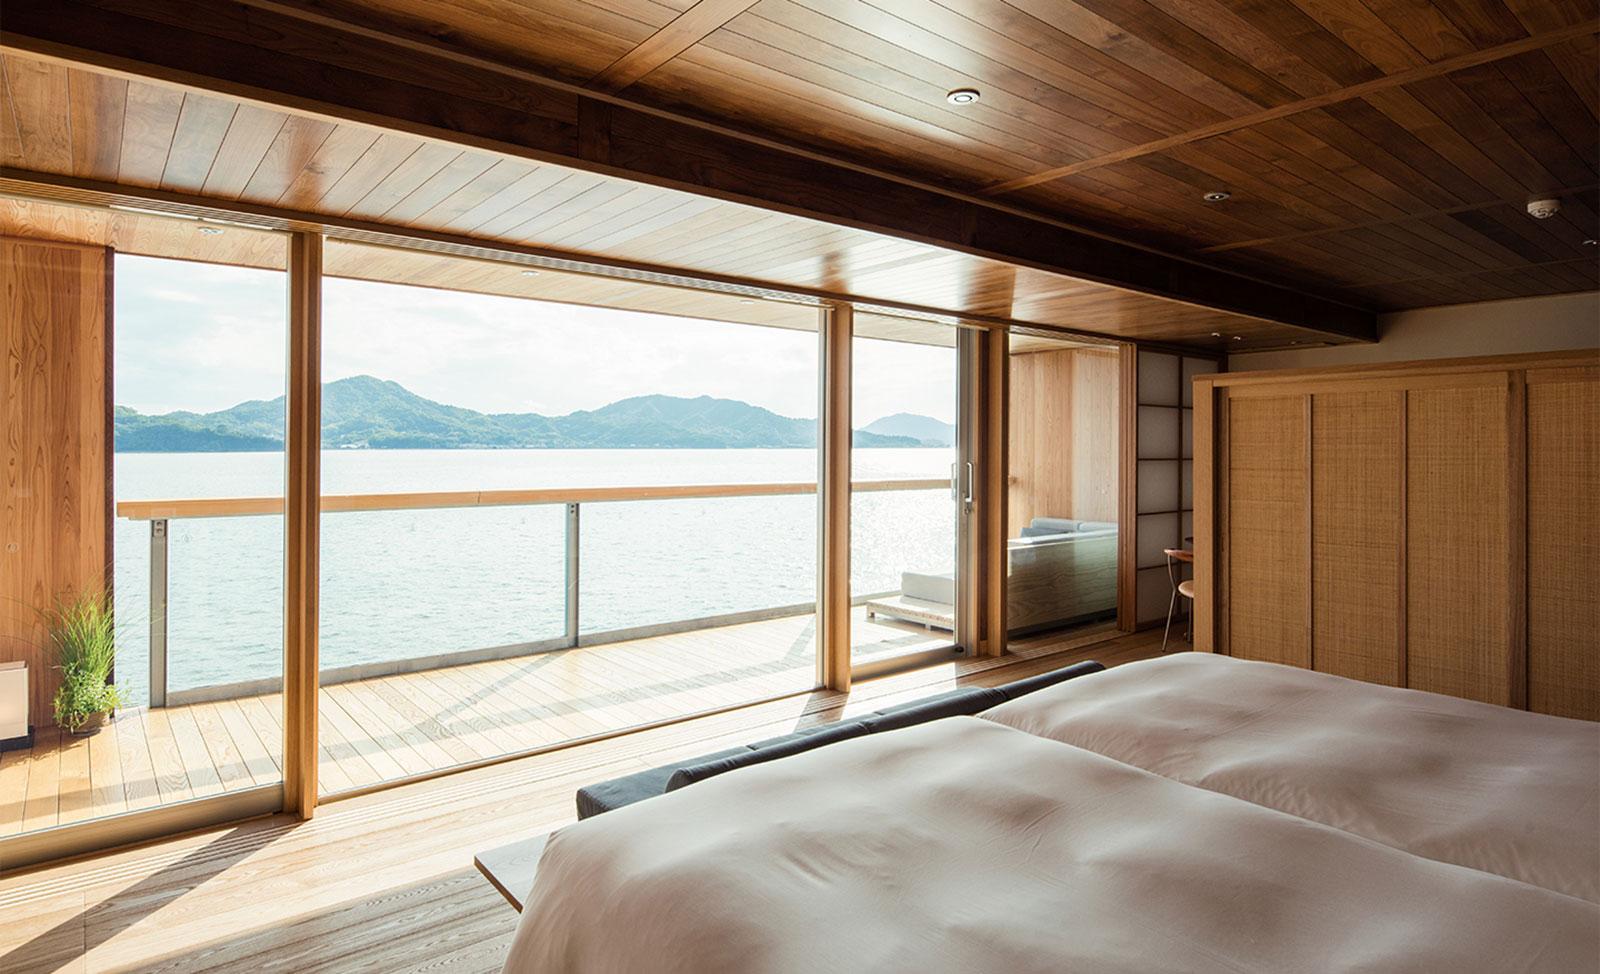 Guntu, il floating hotel che naviga le coste giapponesi | Collater.al 9